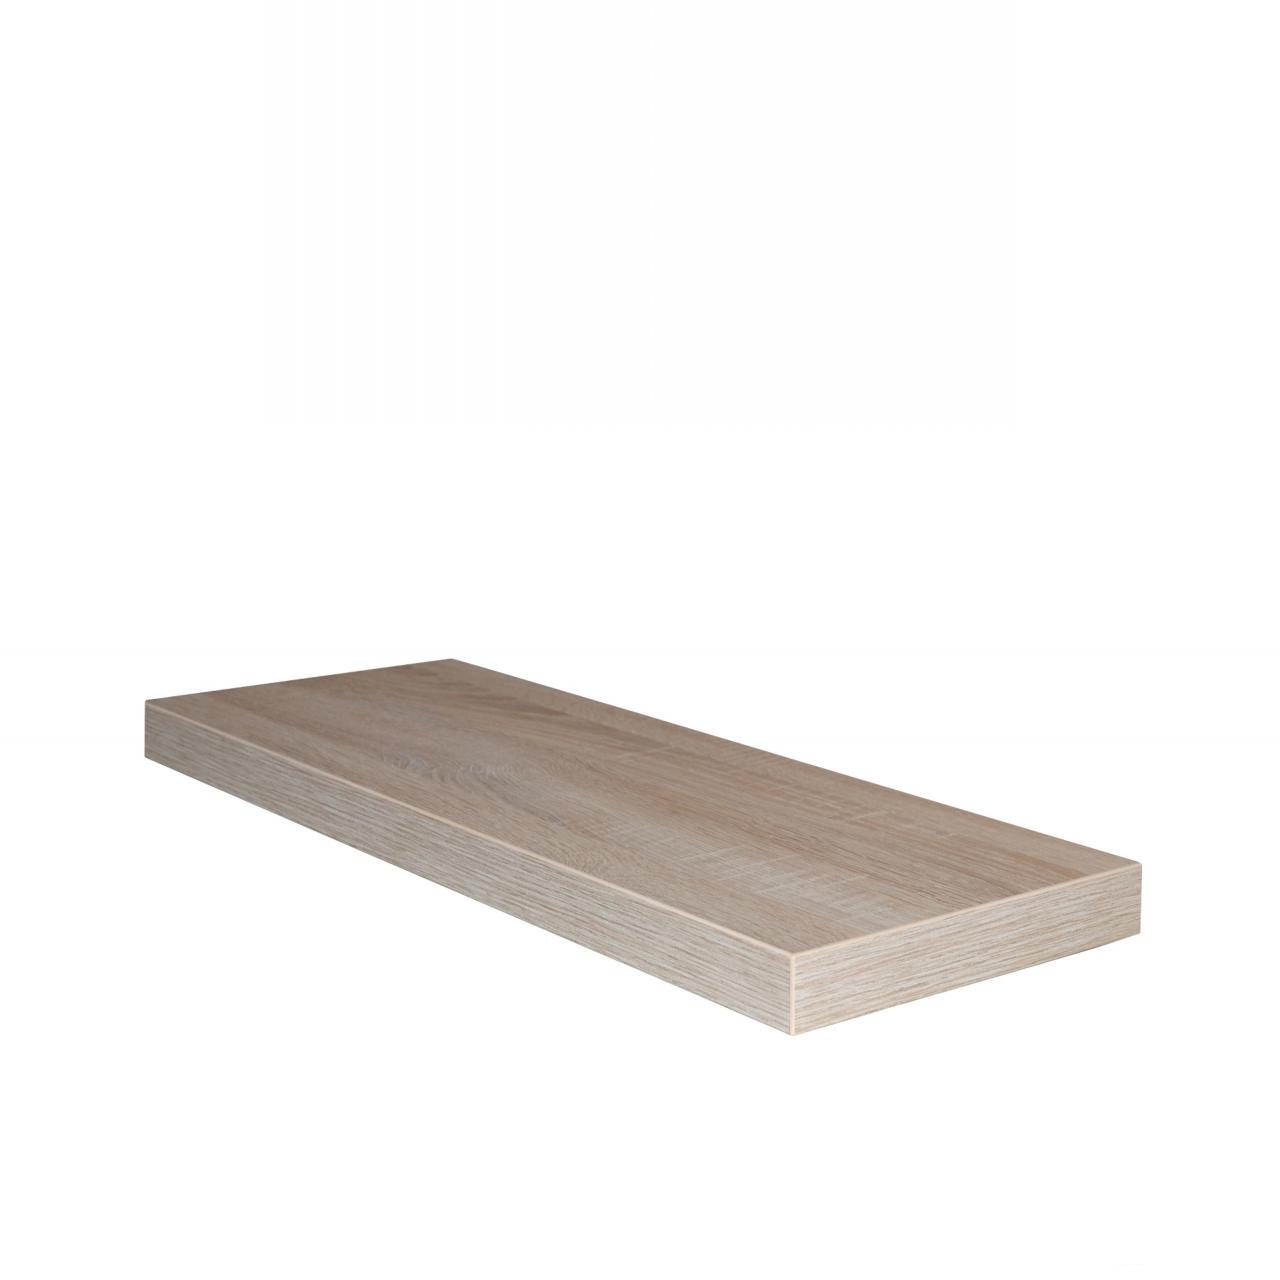 Steckboard